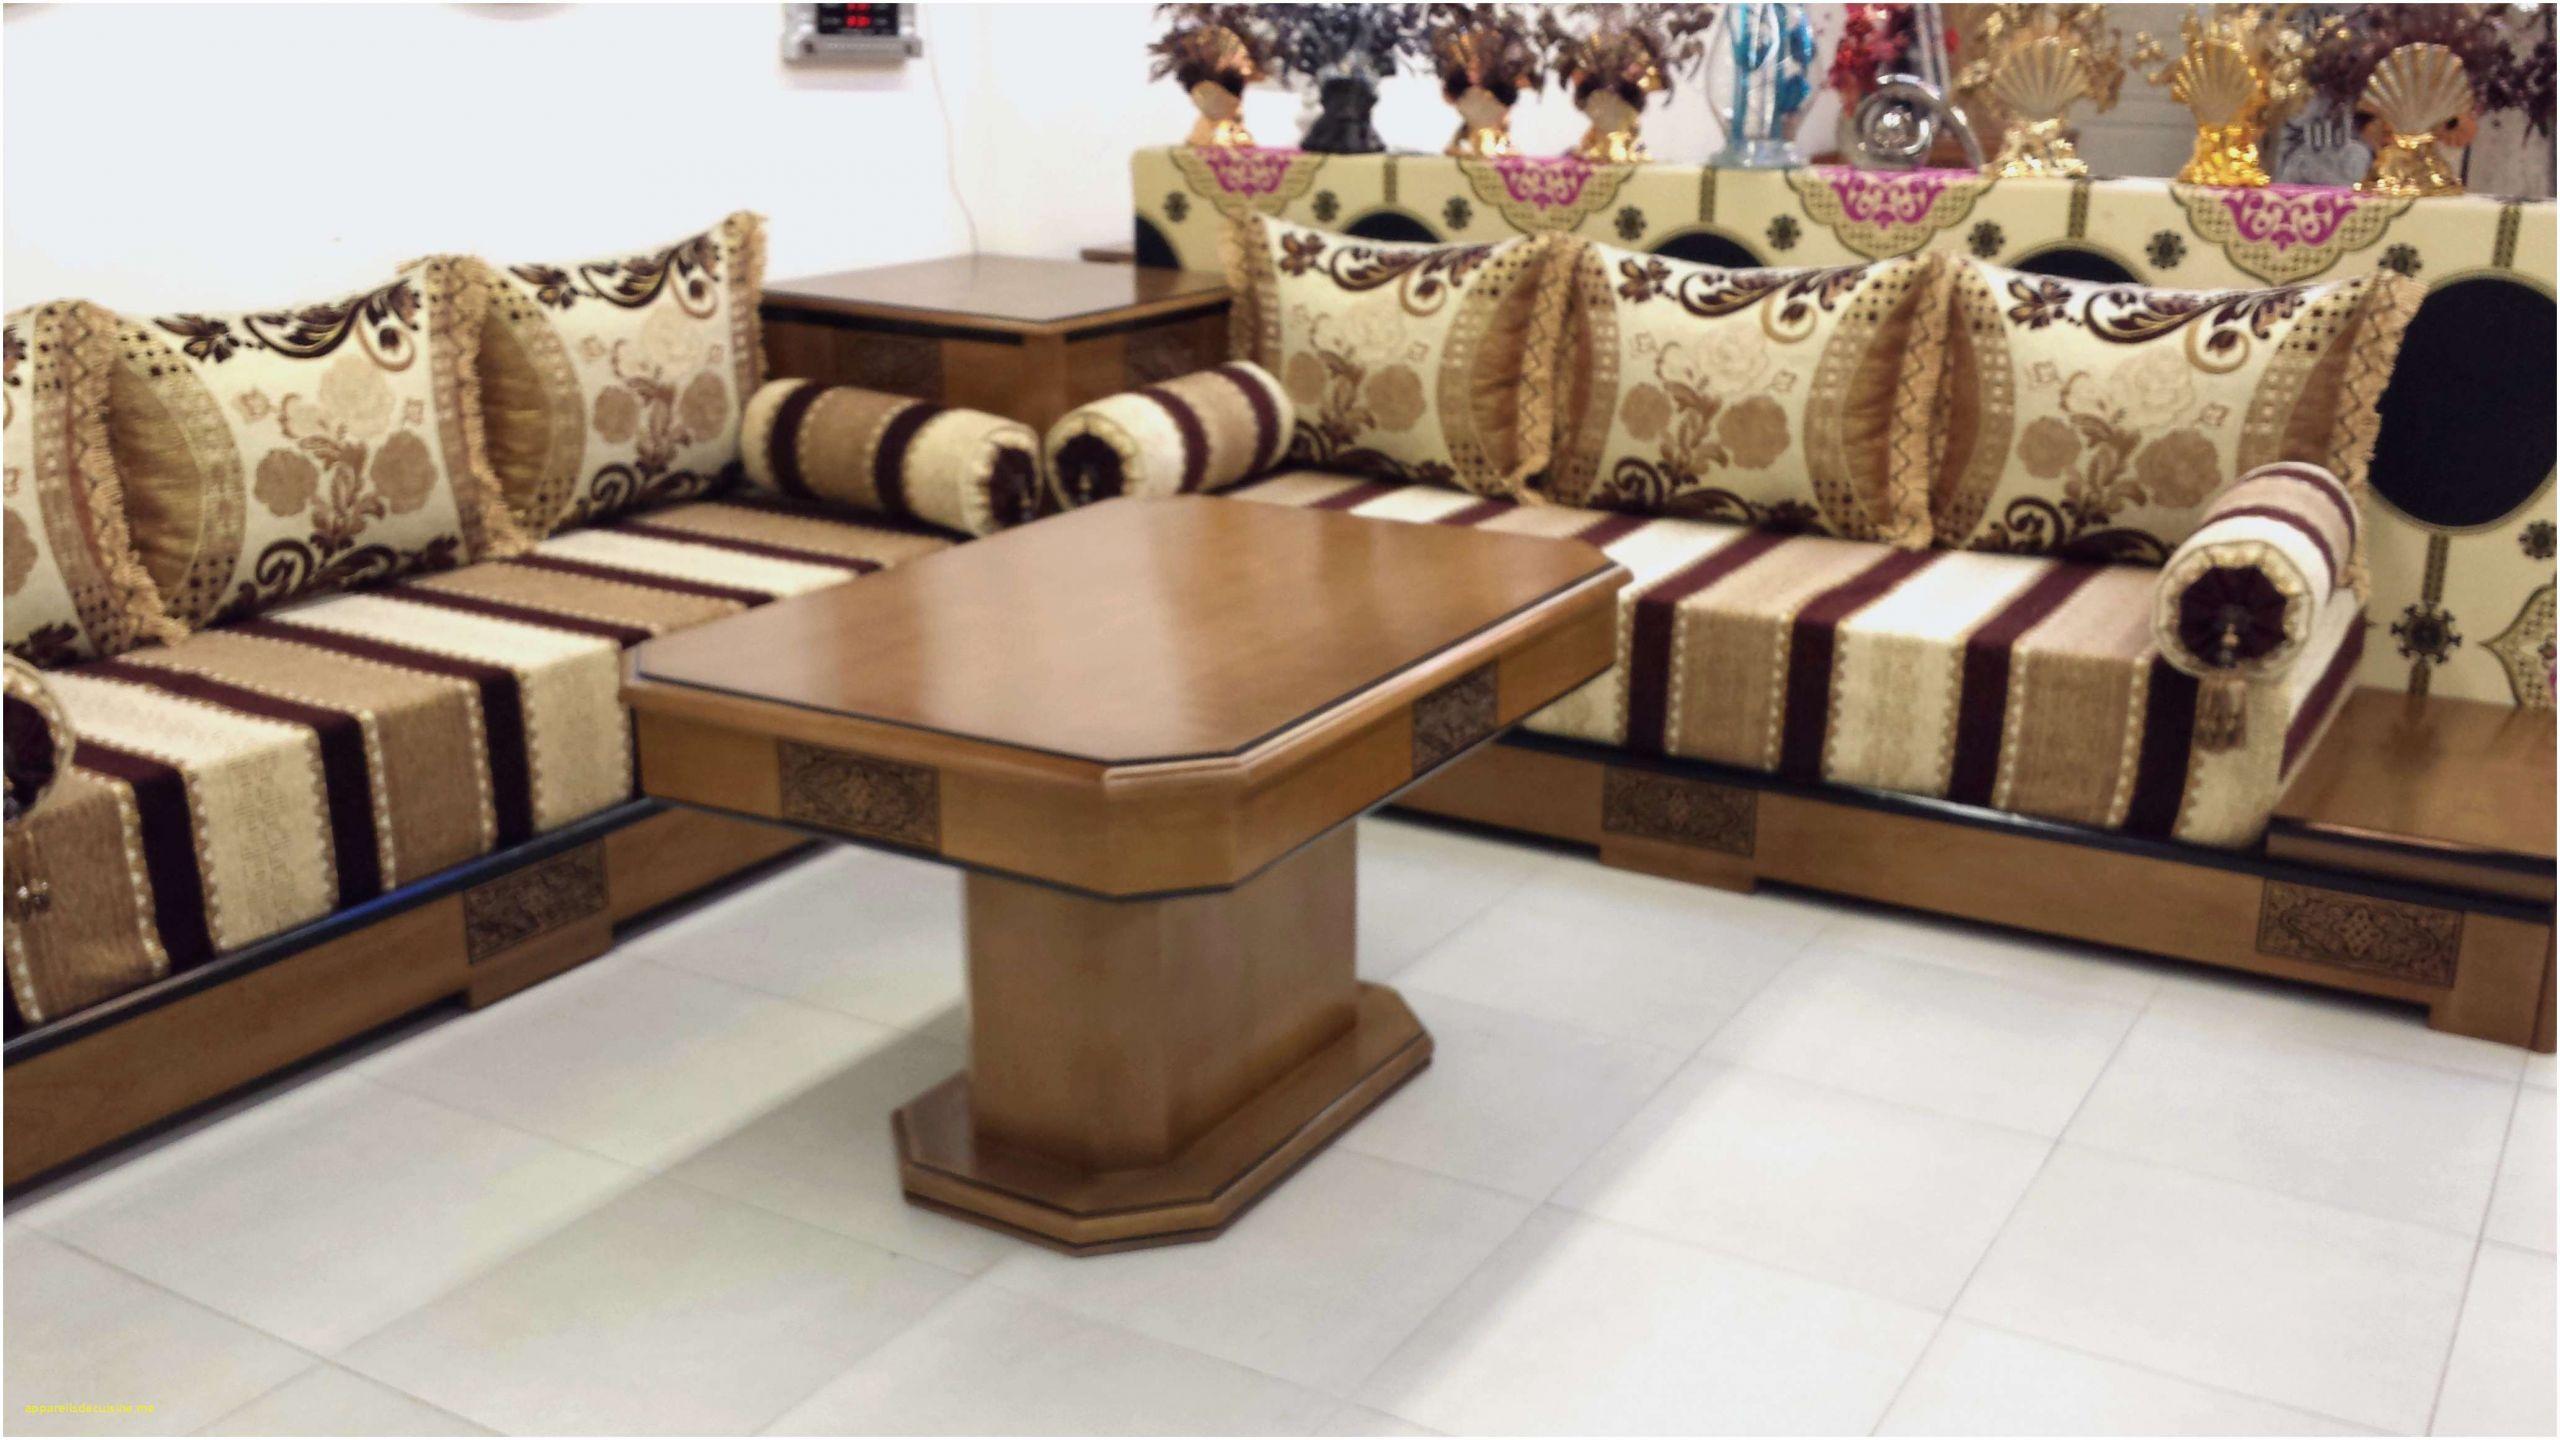 le bon coin 77 meubles nouveau 77 frais stock de le bon coin donne meuble pour meilleur le of le bon coin 77 meubles